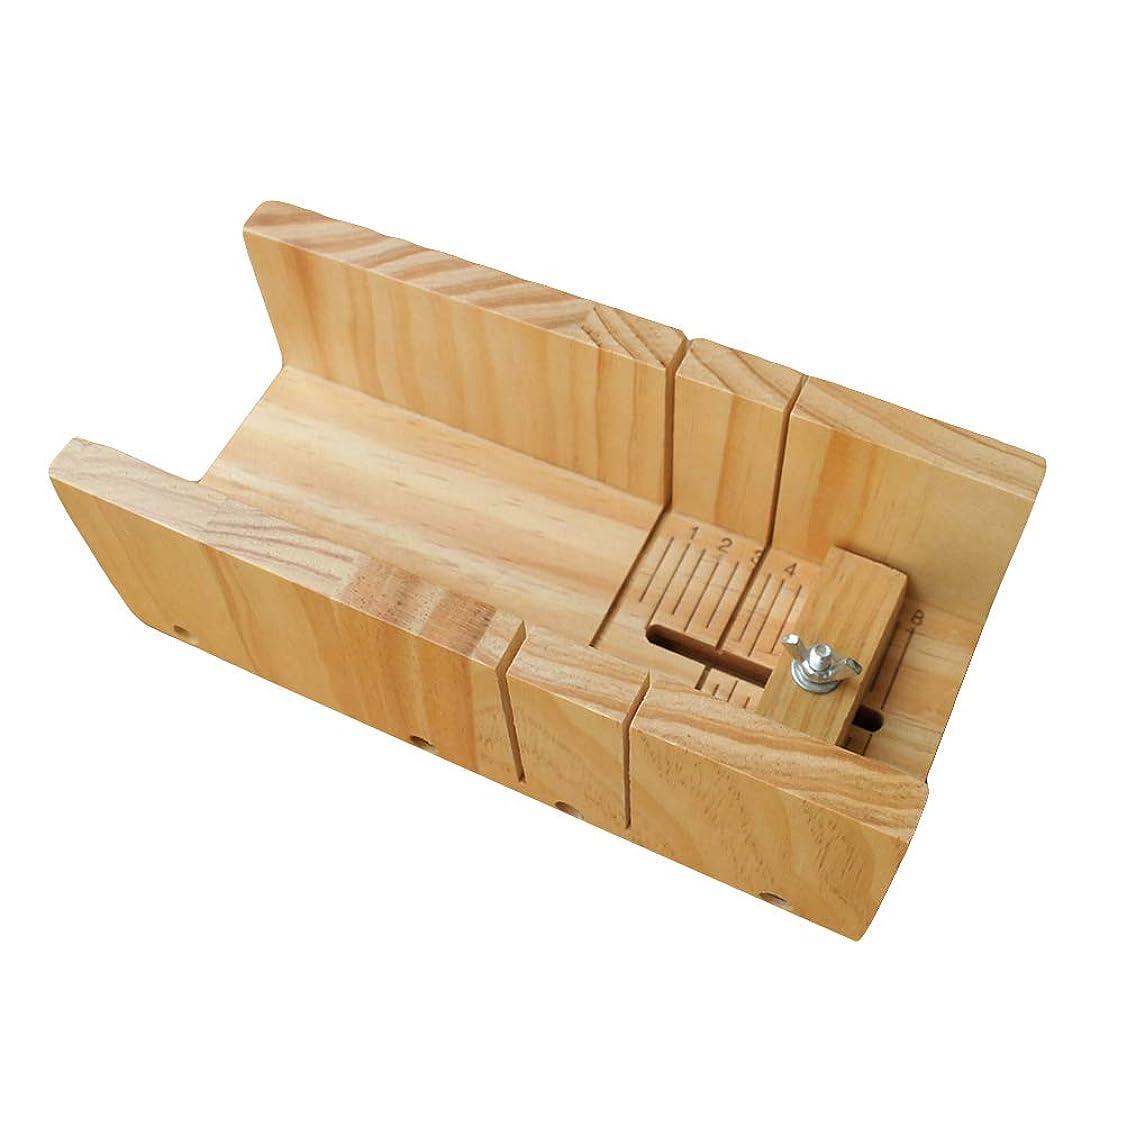 キャリア放射するアドバンテージSUPVOX ウッドソープローフカッター金型調整可能カッター金型ボックスソープ作りツール(ウッドカラー)